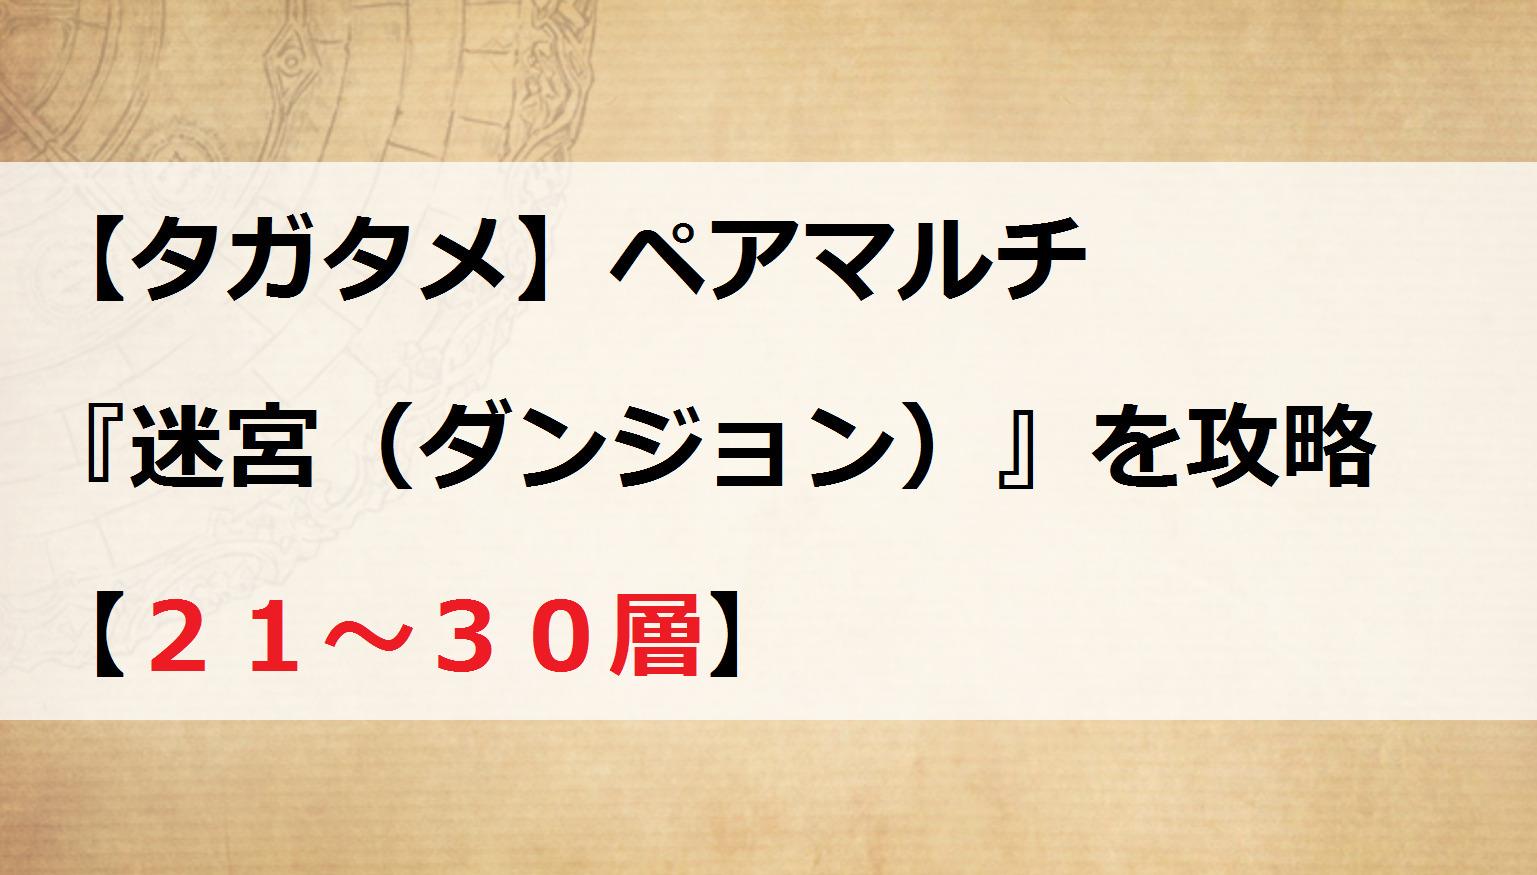 【タガタメ】ペアマルチ『迷宮(ダンジョン)』を攻略【21~30層】